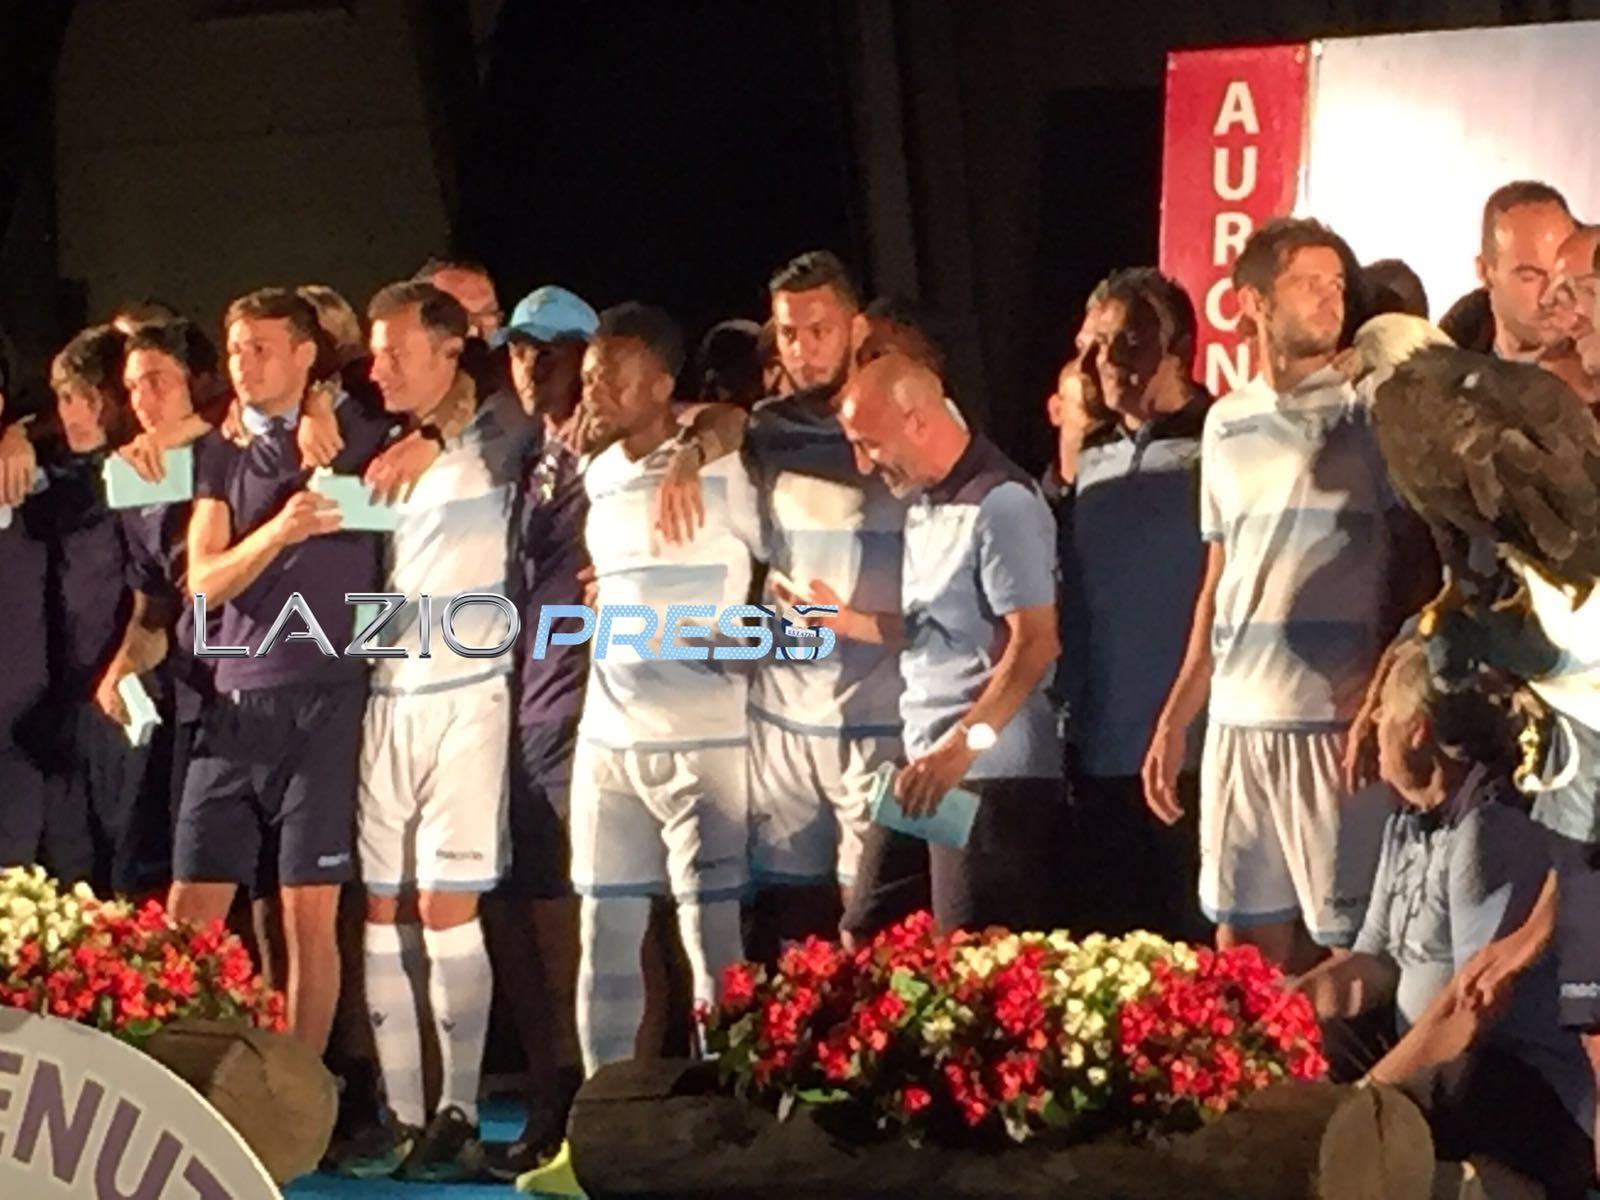 Lazio-Padova, amichevole choc: scazzottata e insulti razzisti